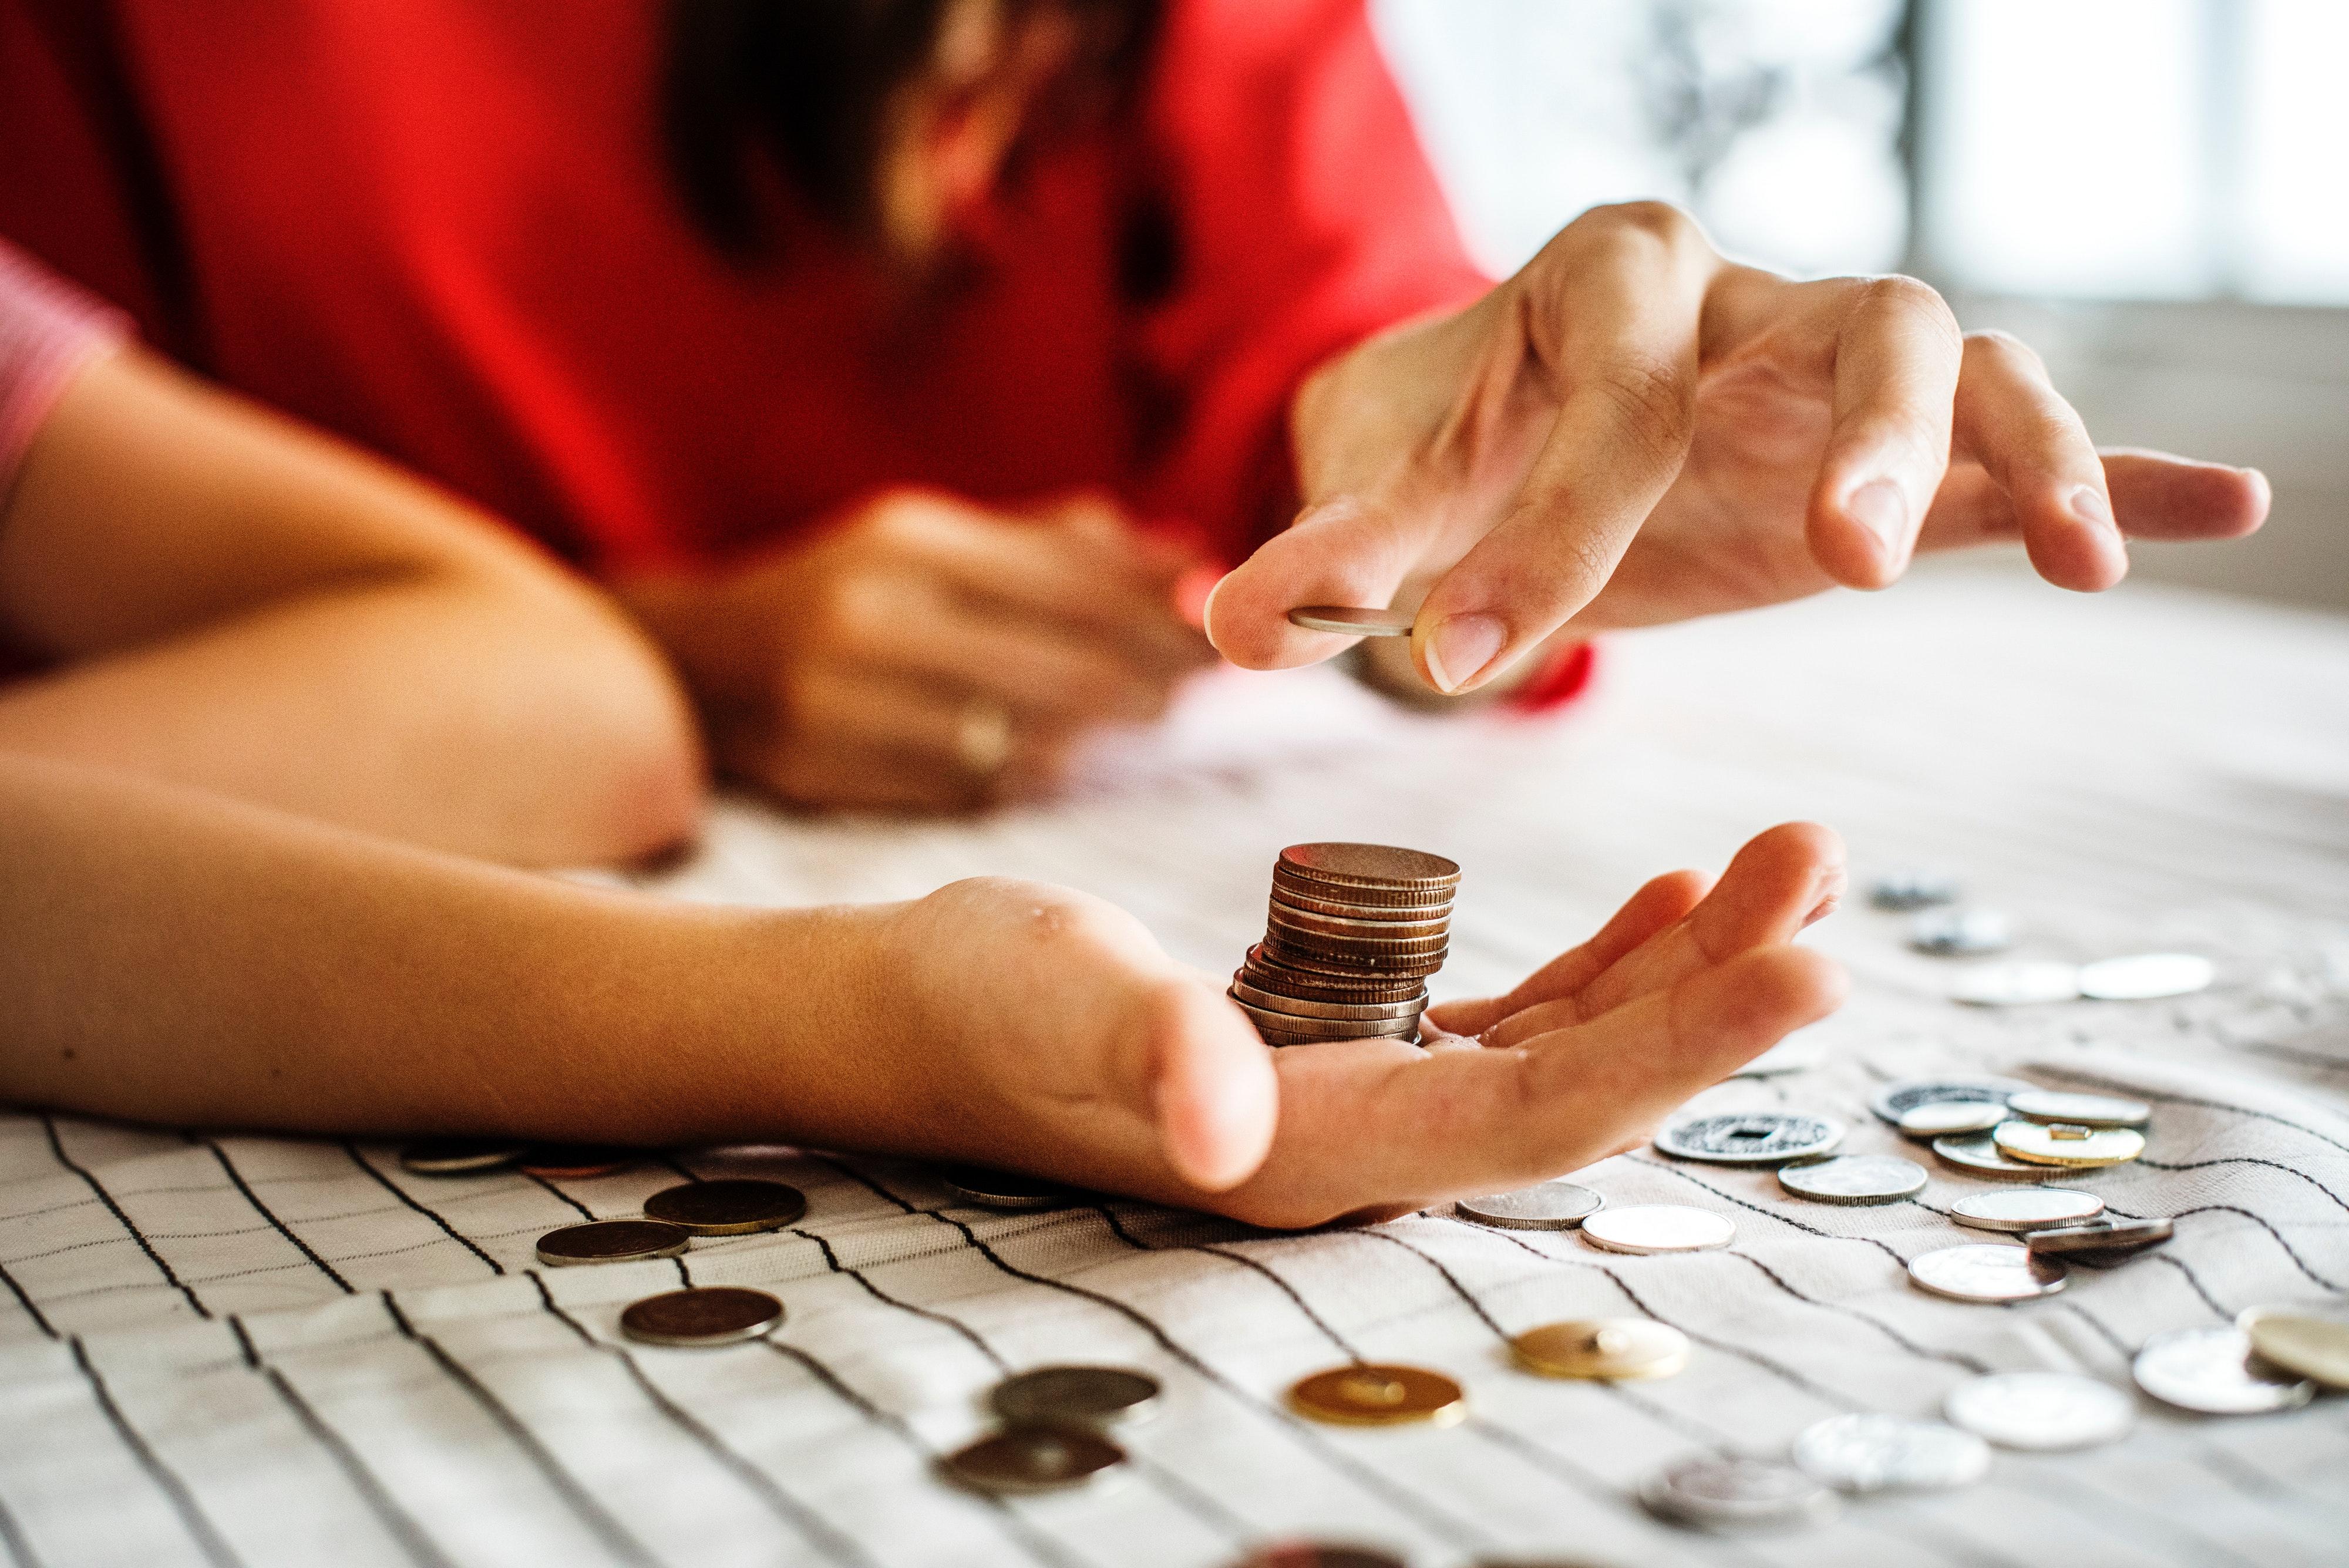 adulte banque budget argent